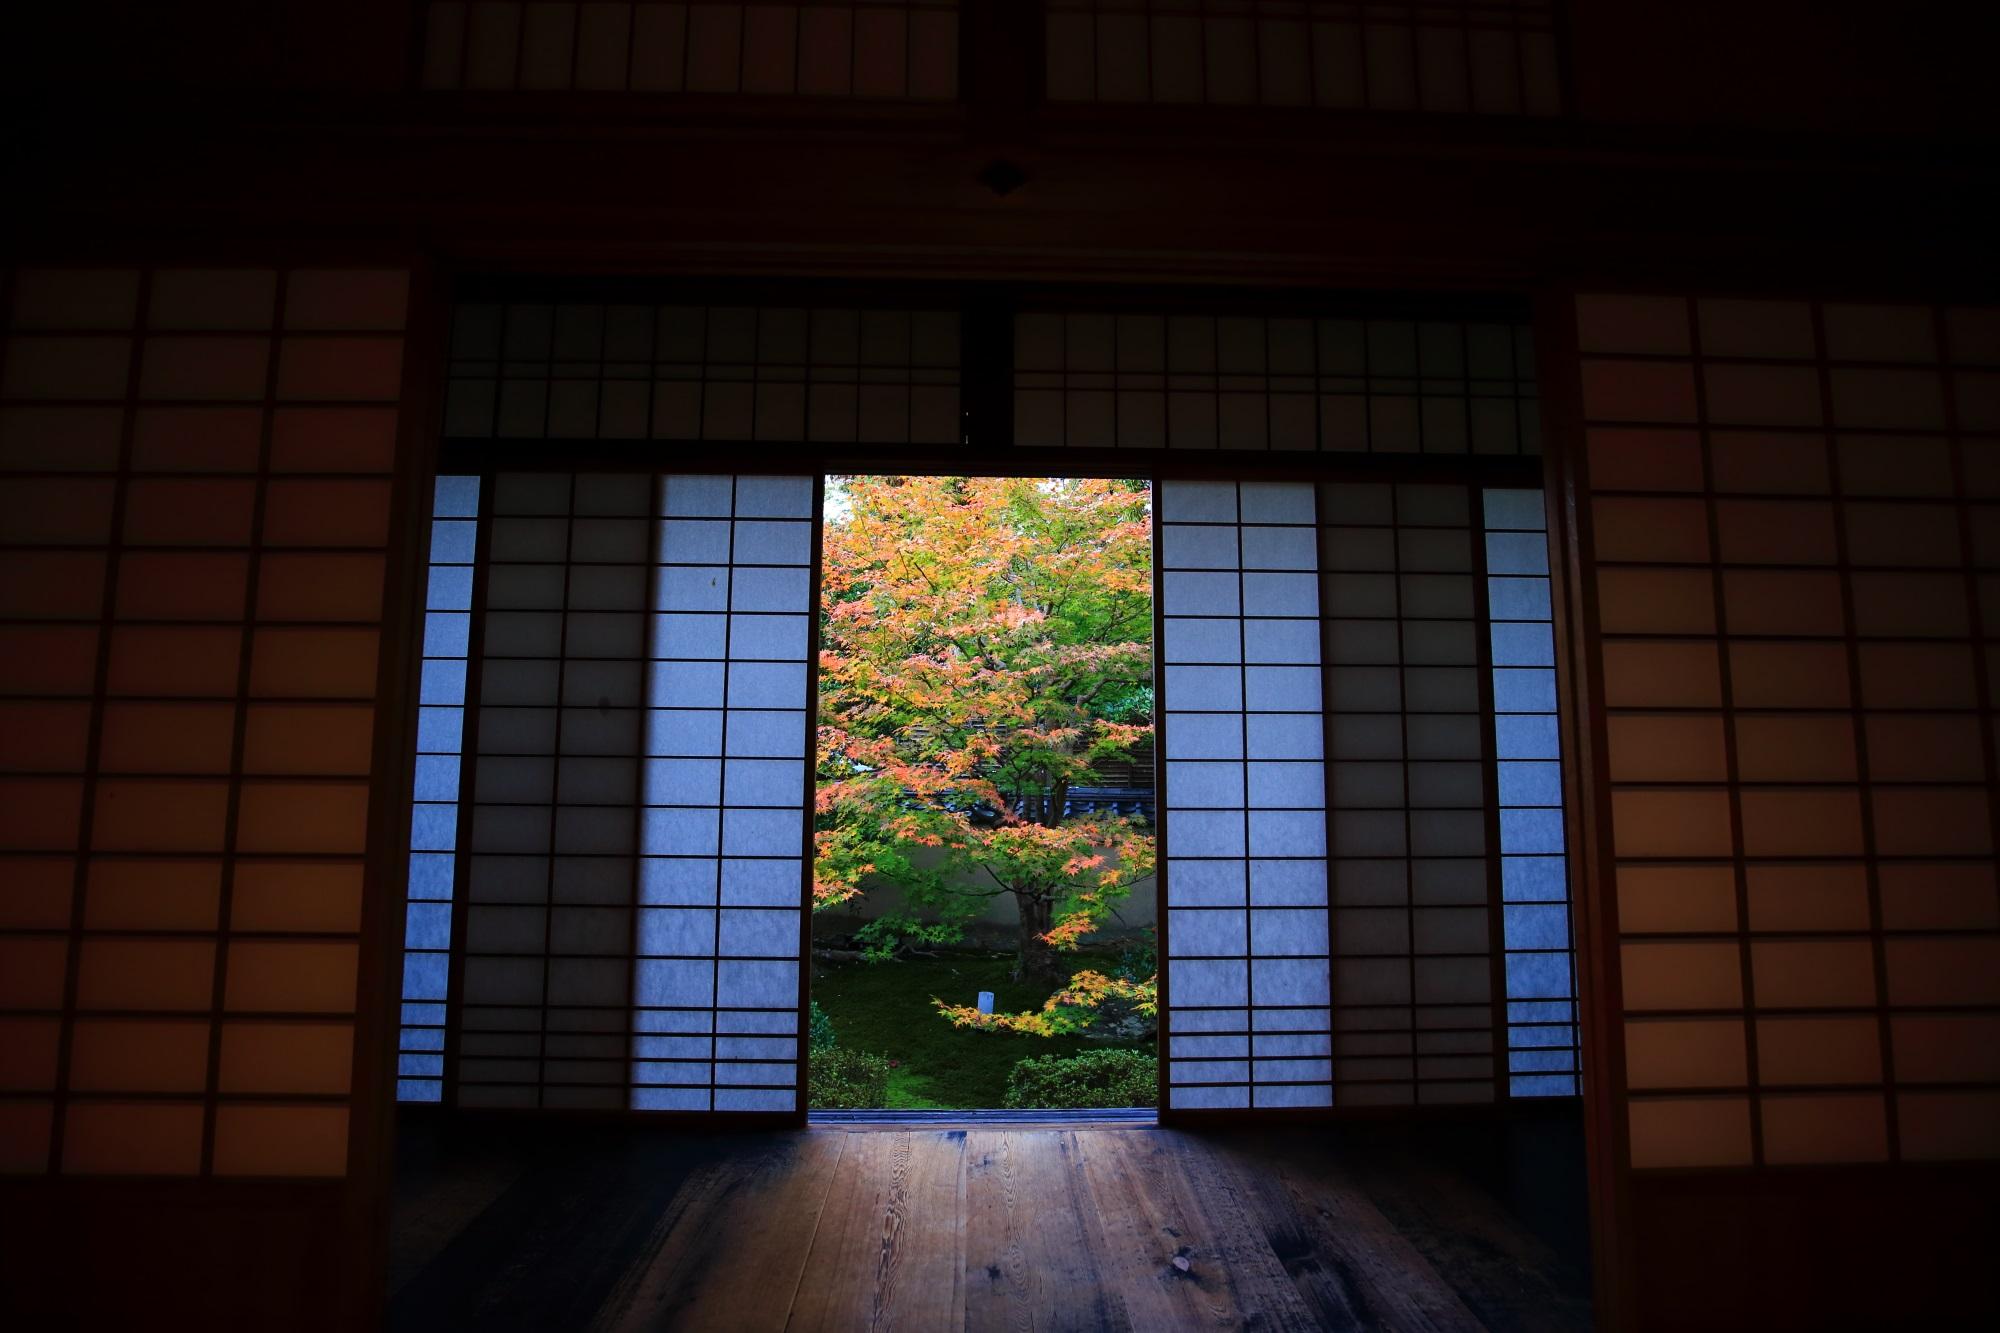 泉涌寺別院の雲龍院の書院悟之間の紅葉